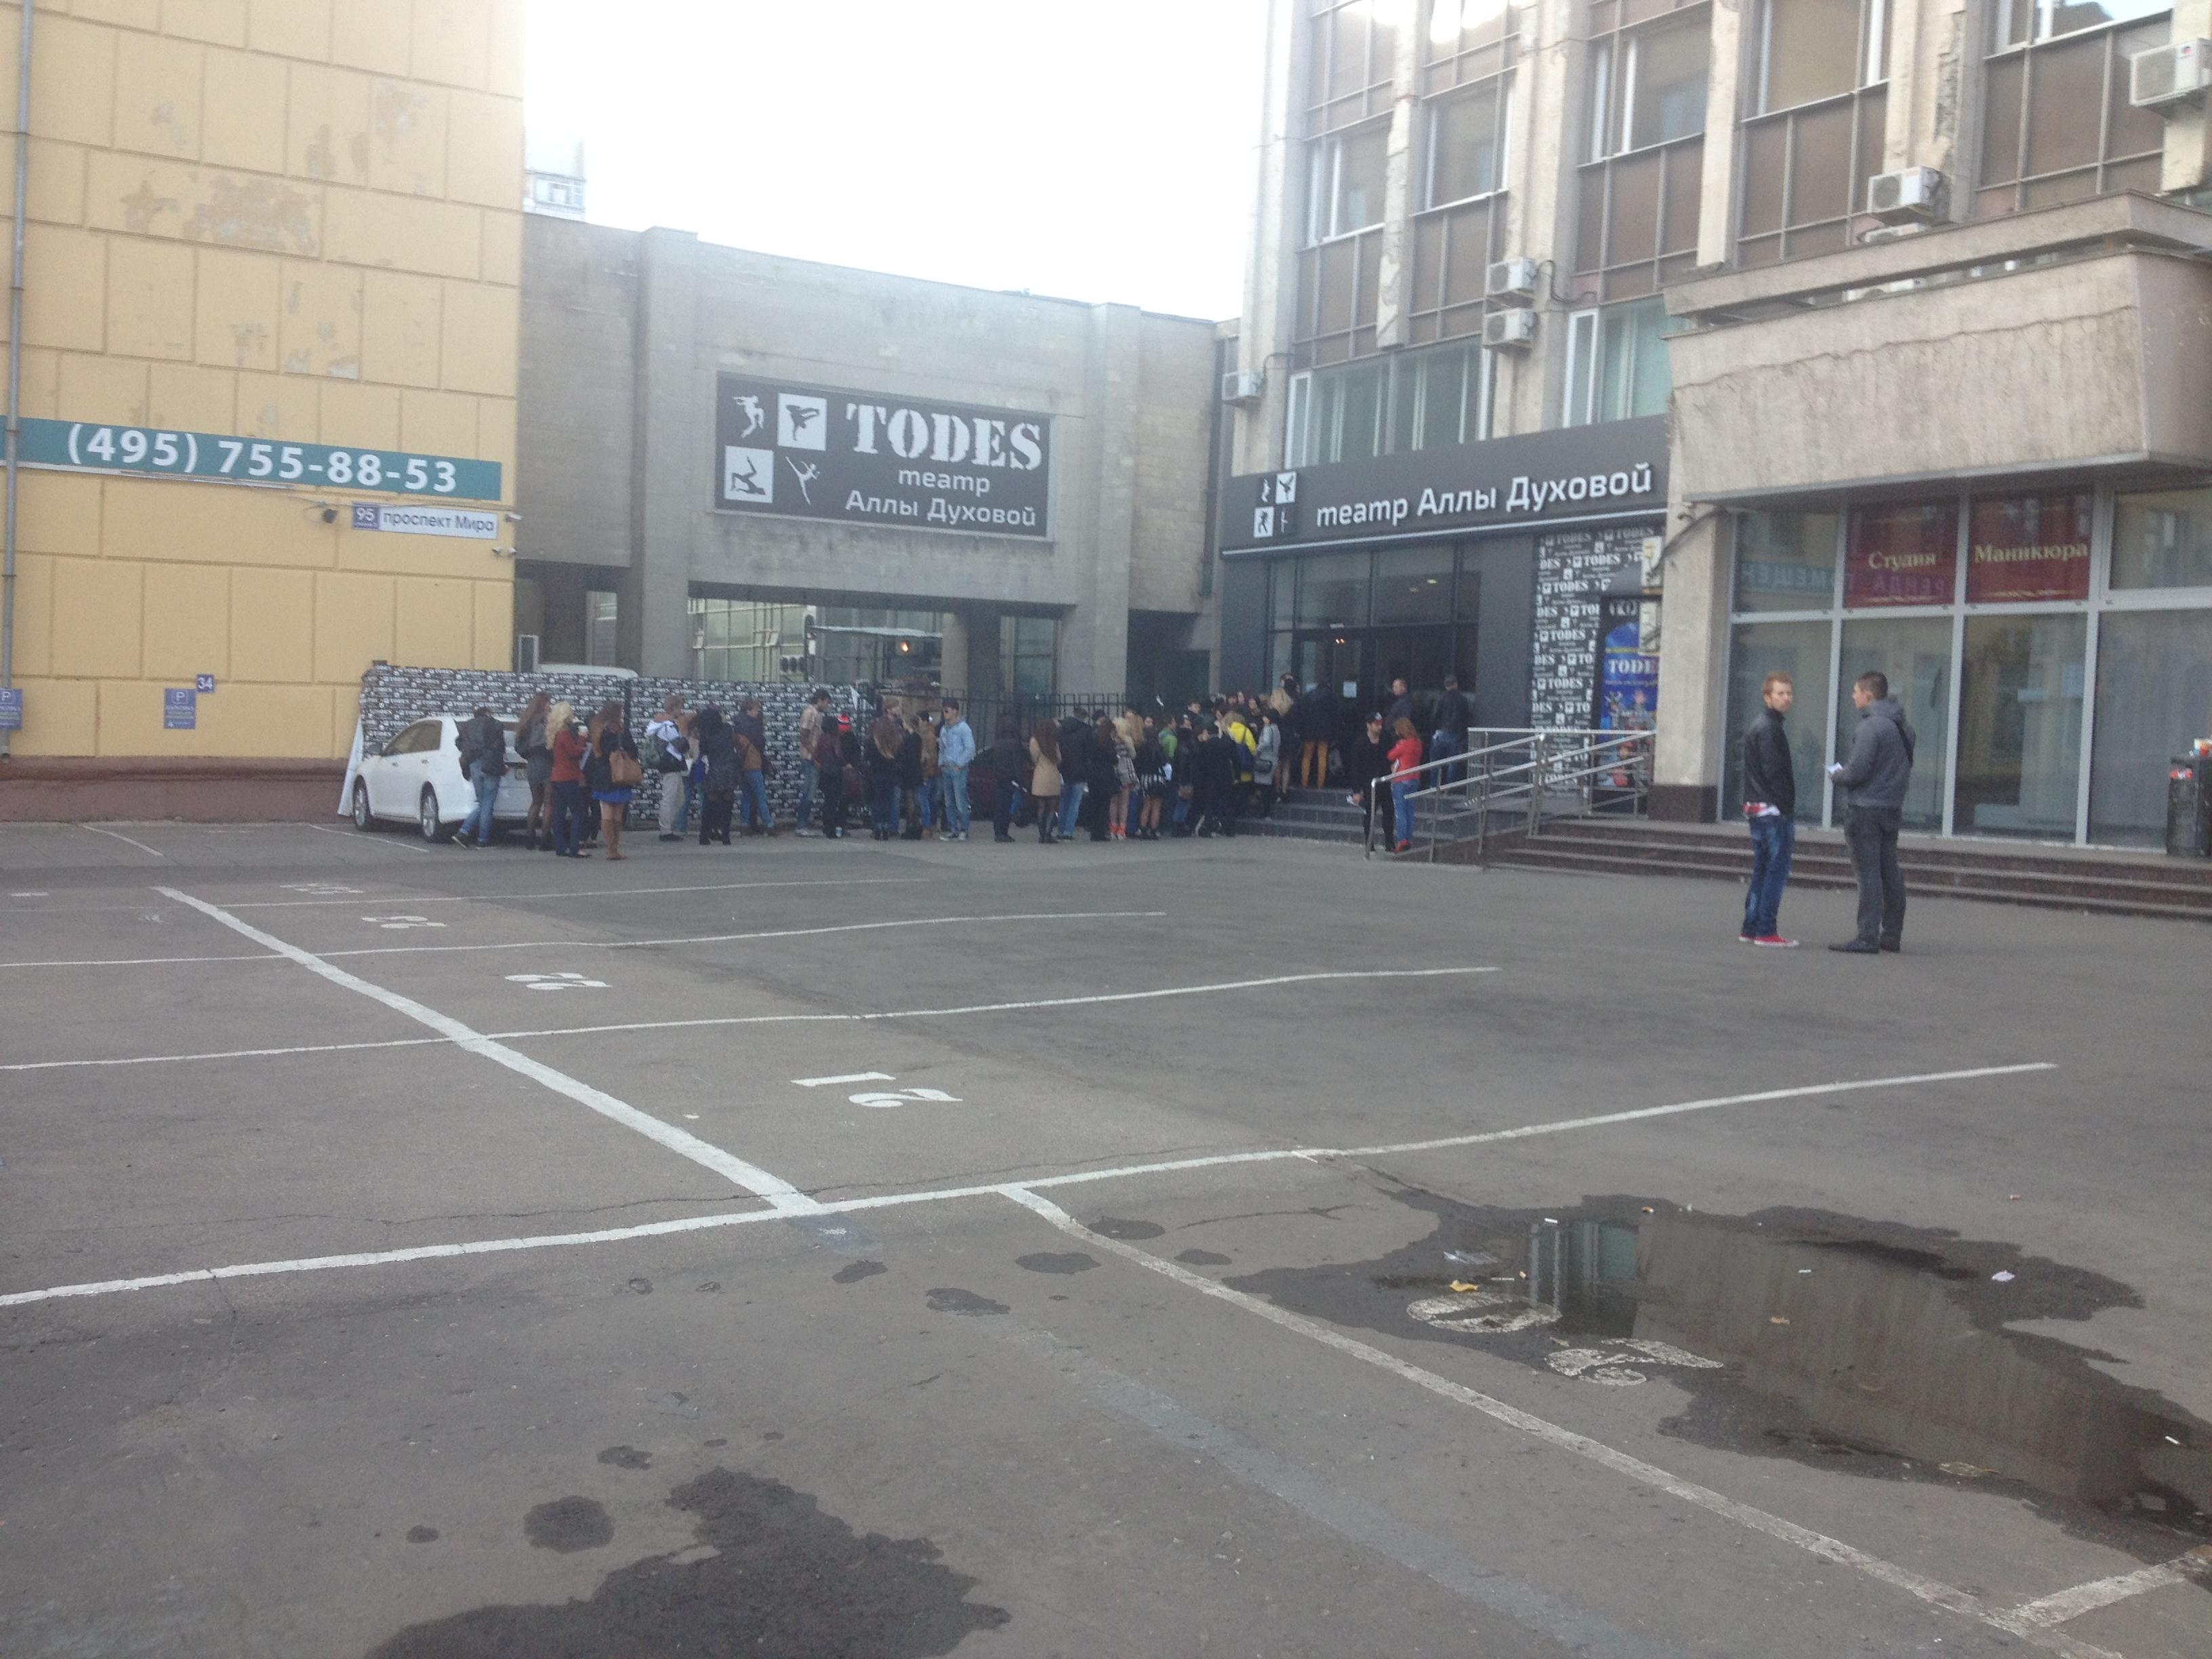 И эти все люди хотели попасть на кастинг канала МУЗ ТВ